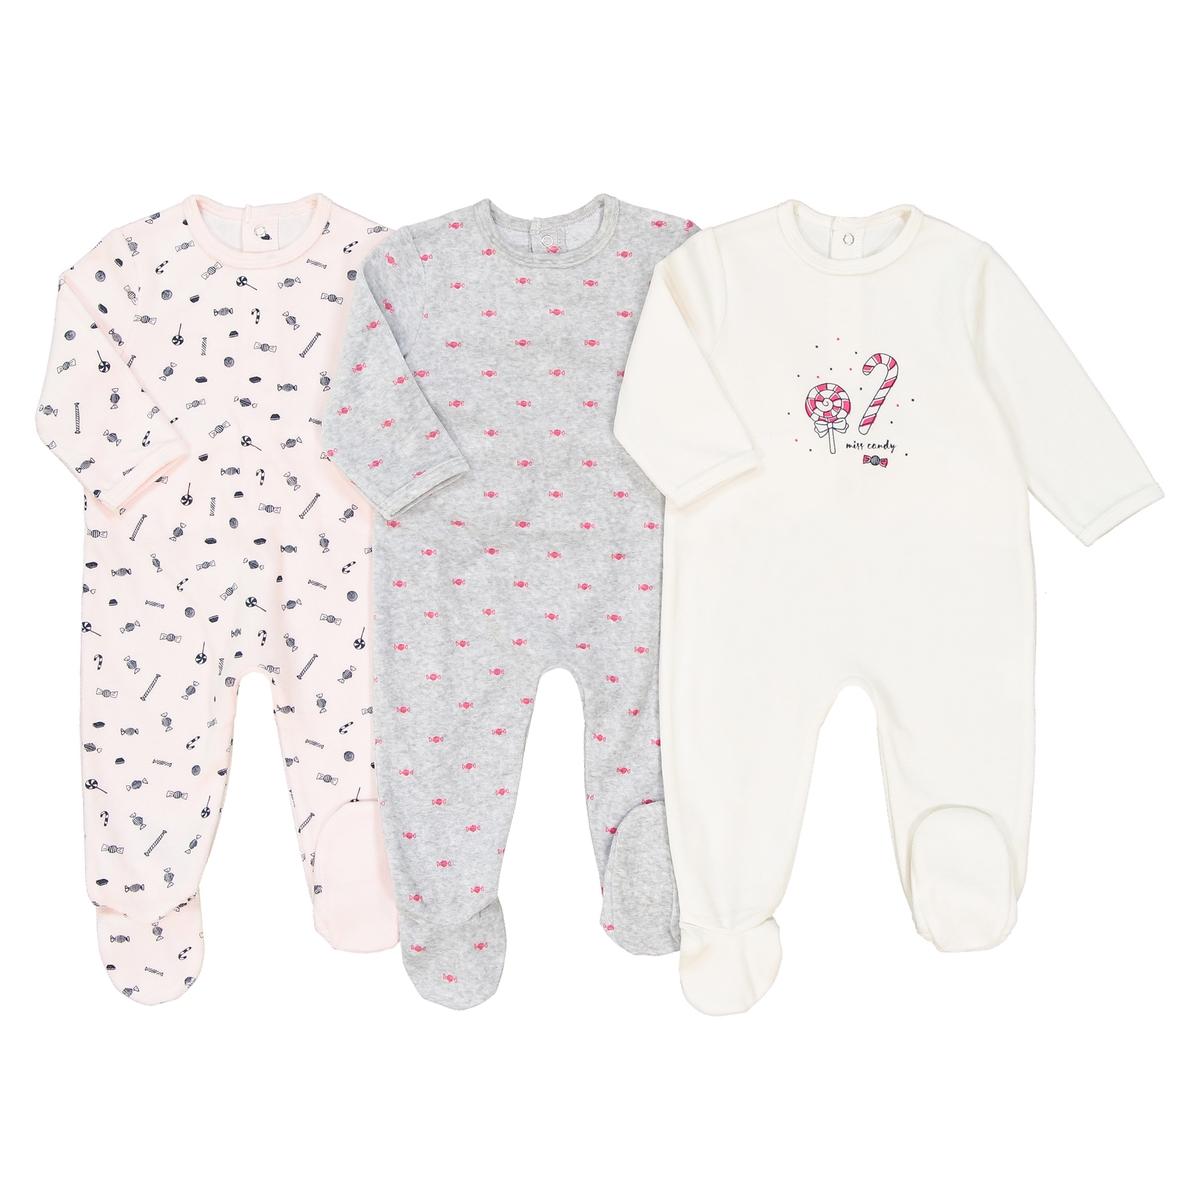 3 пижамы из велюра 0 мес - 3 года пижамы пижамы пижамы пижамы женские пижамы женская пижама женская пижама женская b541102112 5